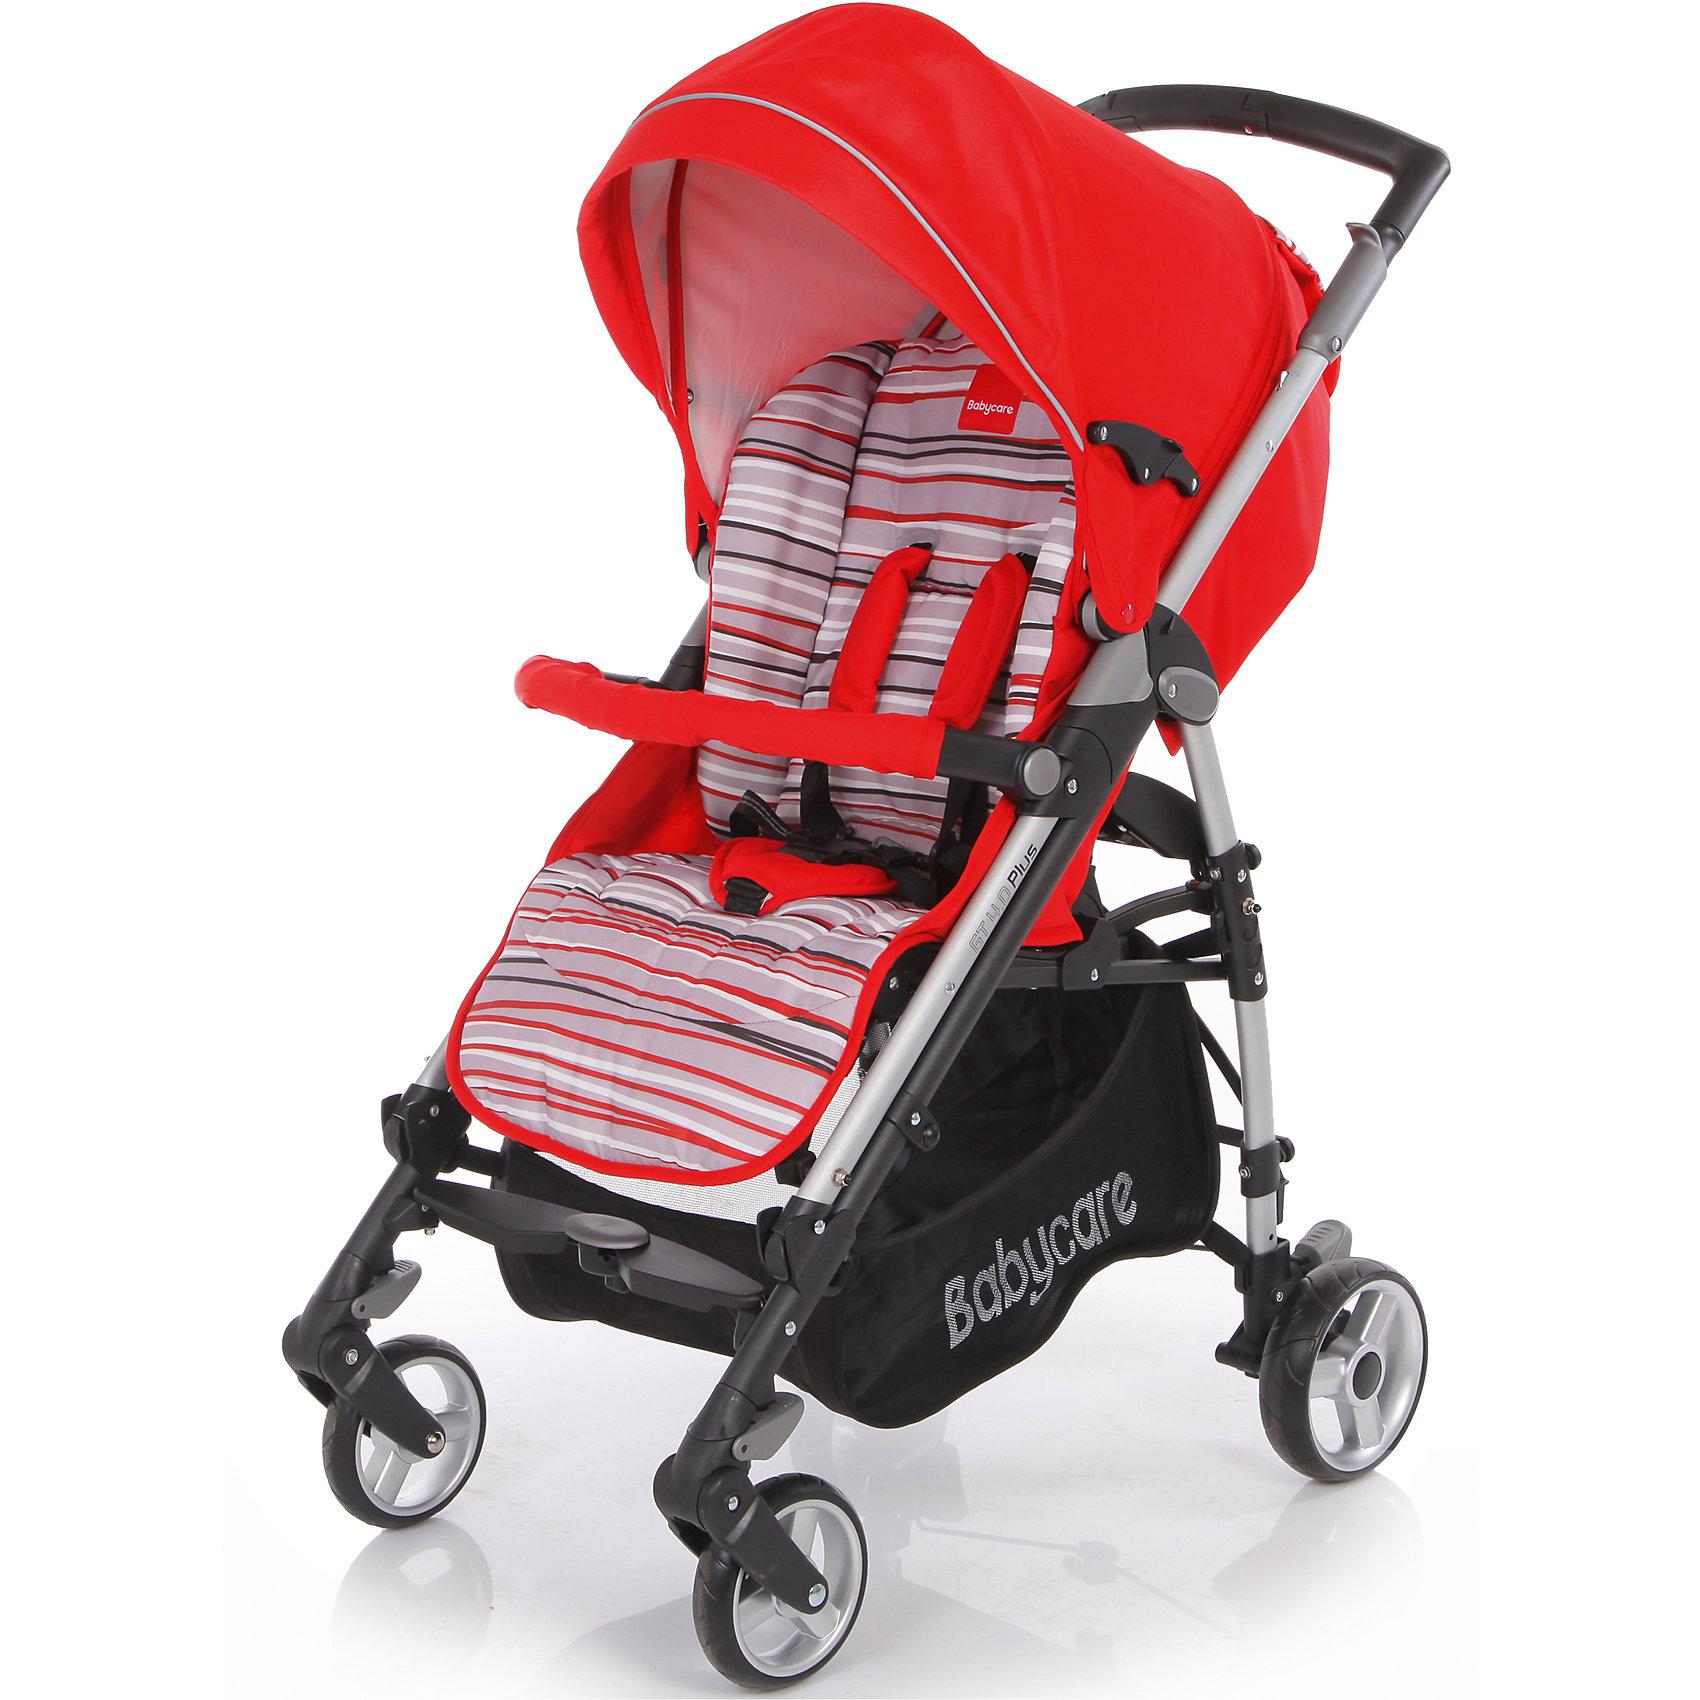 Коляска-трость GT4 Plus Baby Care, красныйКоляска-трость GT4 Plus Baby Care - легкая современная прогулочная коляска, которая отвечает всем требованиям комфорта и безопасности малыша. Очень практична для использования в любой ситуации. Коляска оснащена удобным для ребенка широким сиденьем с мягкими 5-<br>точечными ремнями безопасности и мягким съемным бампером. Спинка раскладывается в 3 различных положениях, вплоть до горизонтального. Подножка регулируется в двух положениях, позволяя удлинить спальное место. Складной капюшон отлично защищает от ветра и дождя,<br>широко раскладывается за счет дополнительных секций, скрытых под молнией, и может опускаться до бампера. Для родителей предусмотрена удобная эргономичная ручка и вместительная корзина для принадлежностей малыша. <br><br>Коляска оснащена 4 резиновыми колесами с пружинными подвесками, что обеспечивает мягкое комфортное передвижение. Передние колеса плавающие с возможностью фиксации, задние колеса с реечным тормозом. Коляска легко и компактно складывается тростью, а специальный<br>замок безопасности предохраняет сложенную коляску от случайного раскрытия. Съемные тканевые детали можно стирать при температуре 40 градусов. Подходит для детей от 6 мес. до 3 лет.<br><br><br>Особенности:<br><br>- удобна для транспортировки и хранения;<br>- облегченная алюминиевая рама;<br>- широкое прогулочное сиденье;<br>- мягкий бампер;<br>- регулируемый в 3 положениях наклон спинки;<br>- капюшон легко трансформируется в тент с помощью молний;<br>- корзина для вещей ребенка;<br>- дождевик;<br>- накидка на ноги;<br>- 4 колеса с пружинными подвесками;<br>- легко и компактно складывается тростью.<br><br><br>Дополнительная информация:<br><br>- Цвет: красный.<br>- Материал: текстиль, металл, пластик.<br>- Диаметр передних колес: 16 см.<br>- Диаметр задних колес: 18 см.<br>- Ширина шасси: 51 см.<br>- Размер в разложенном виде: 103 х 51 х 87 см.<br>- Размер в сложенном виде: 31 х 99 см.<br>- Вес: 10,1 кг.<br><br>Коляску-трость GT4 Plus Ba